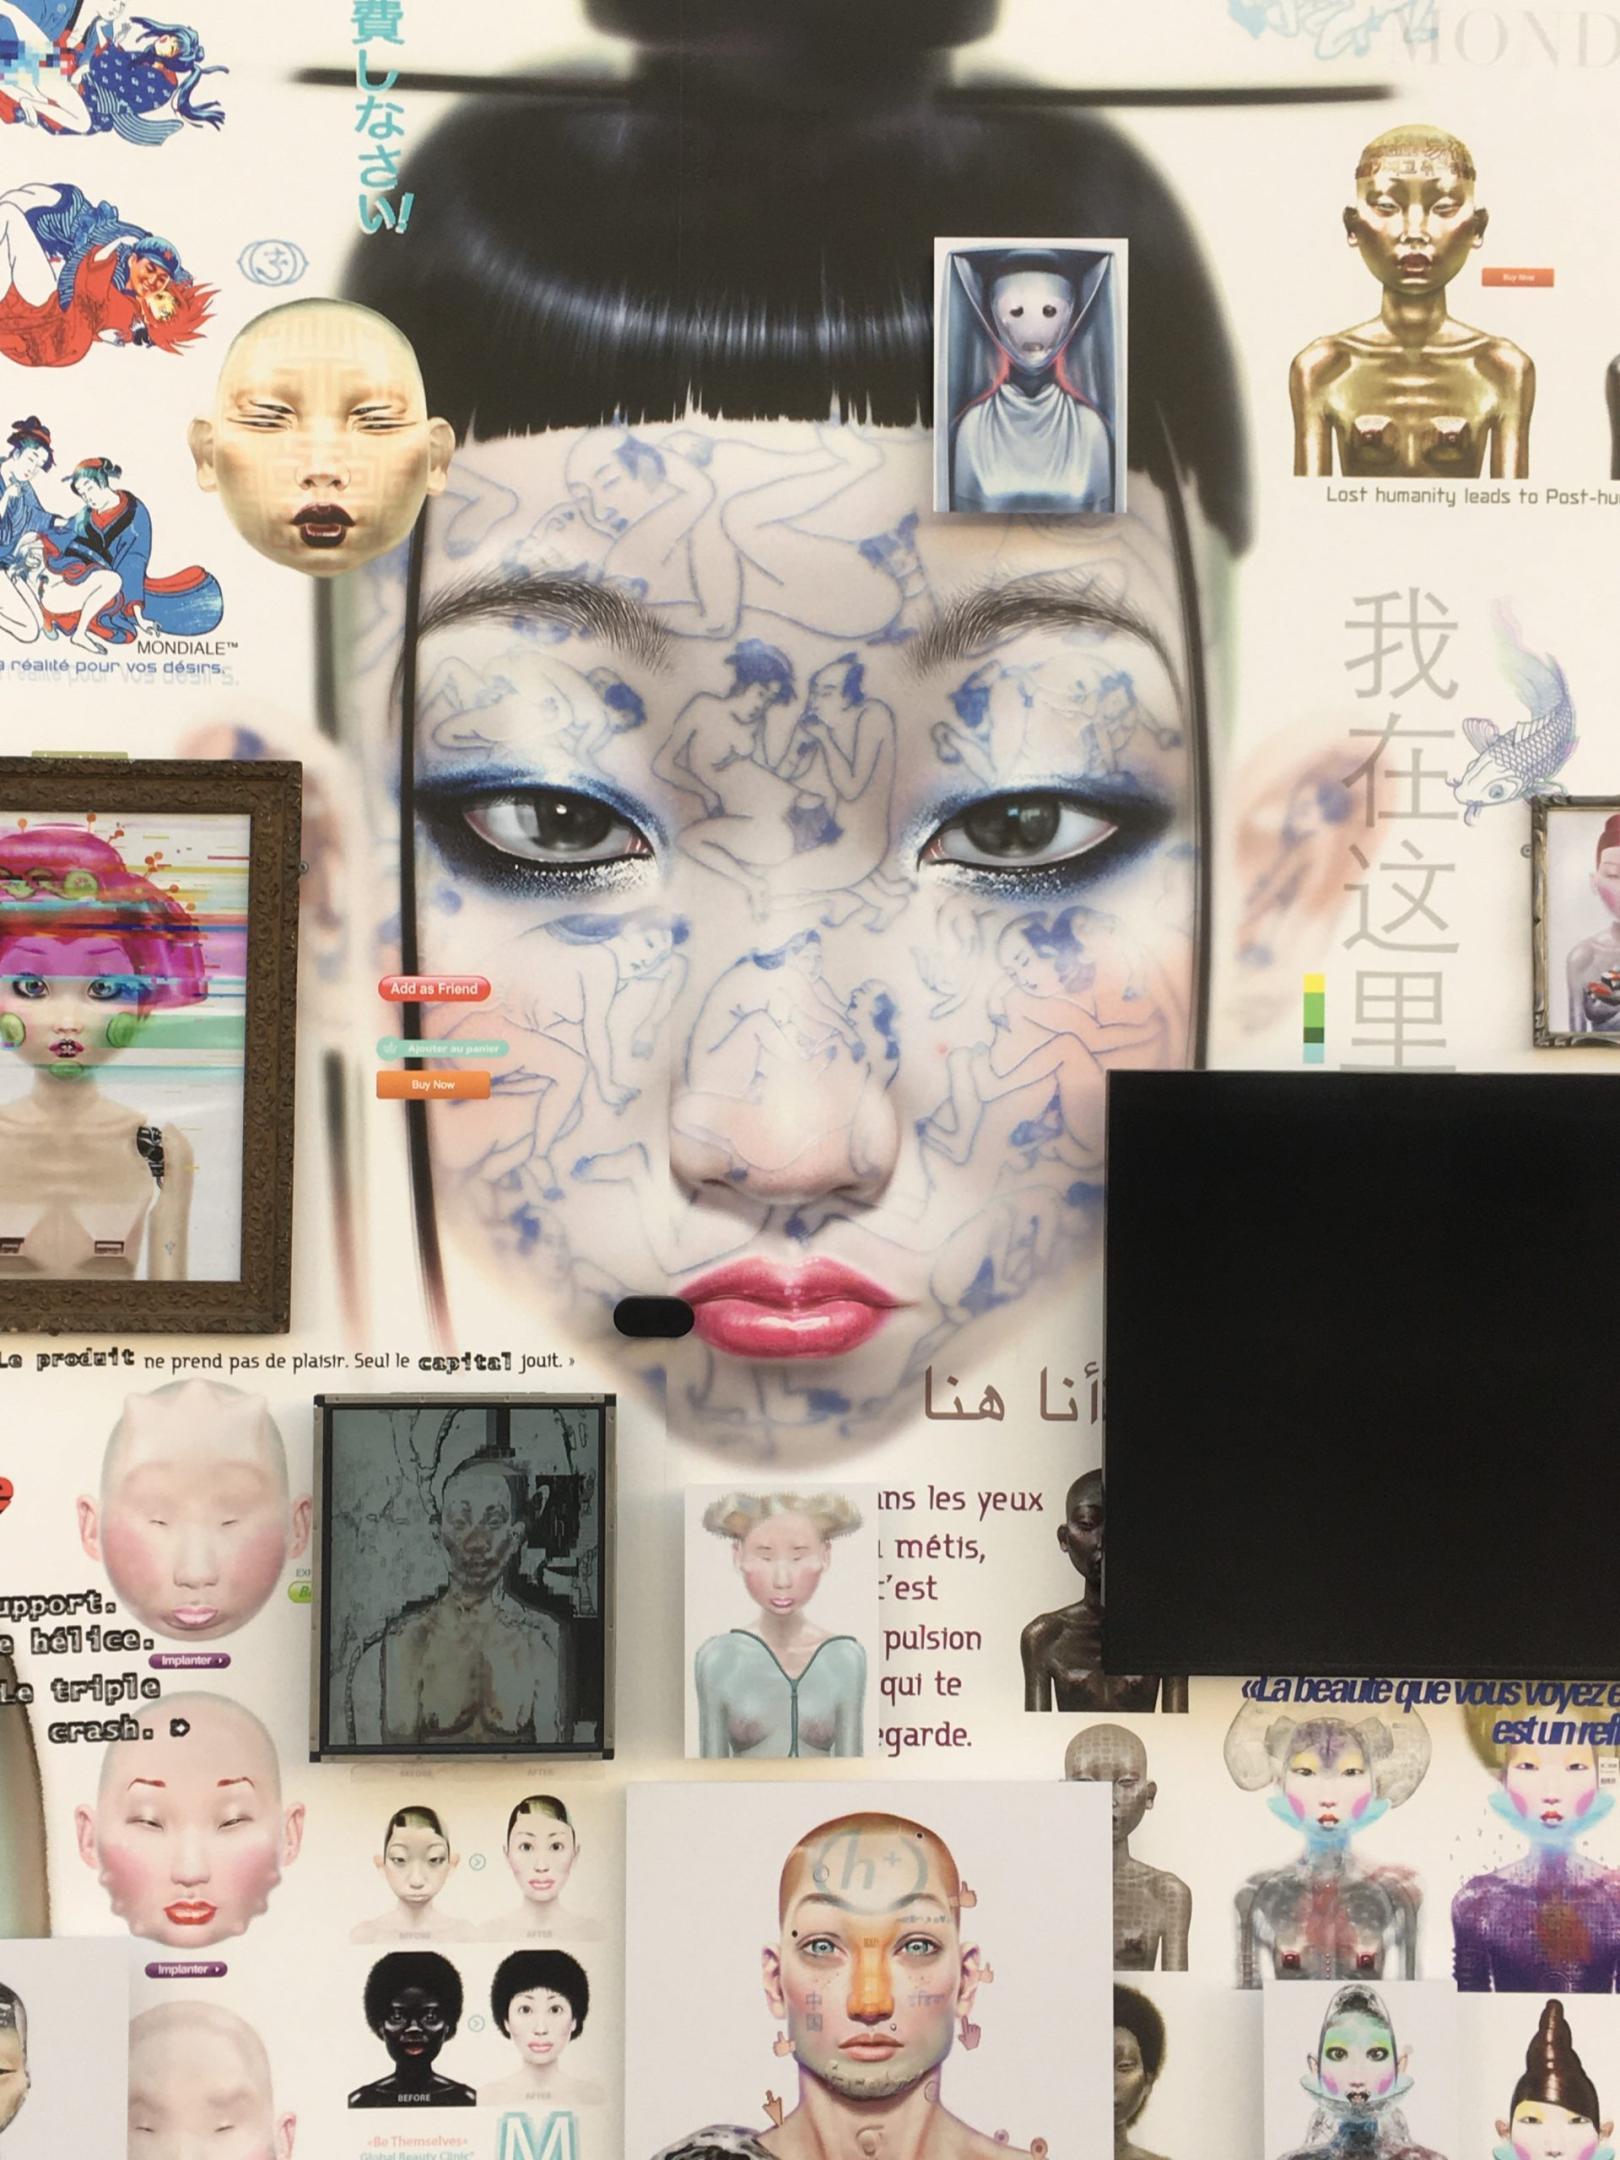 visages numériques